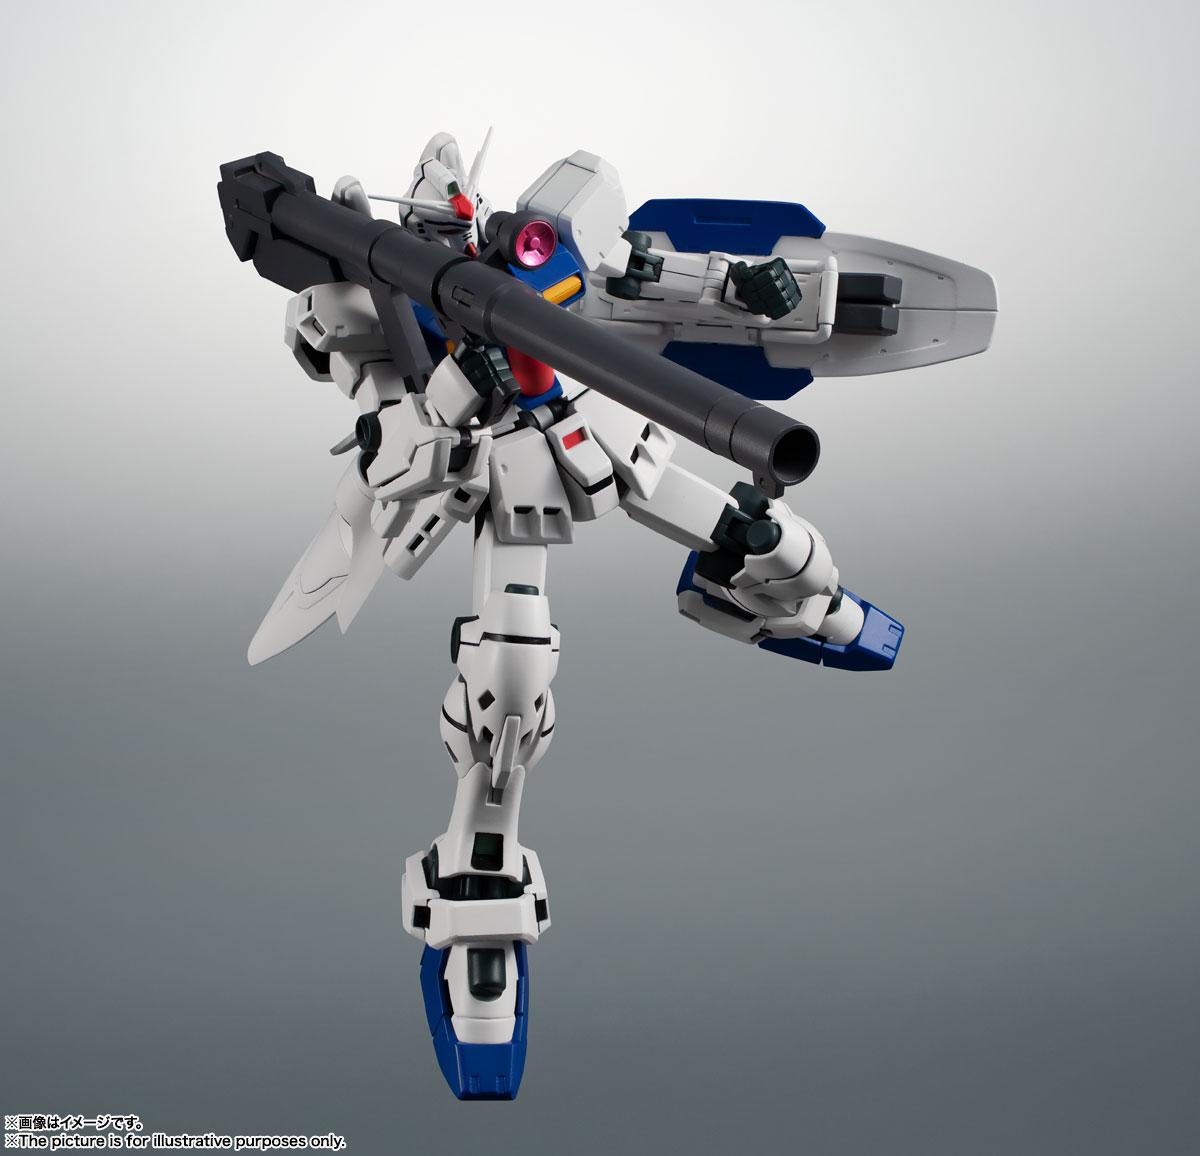 ROBOT魂〈SIDE MS〉『RX-78GP03S ガンダム試作3号機ステイメン ver. A.N.I.M.E.』機動戦士ガンダム0083 可動フィギュア-008